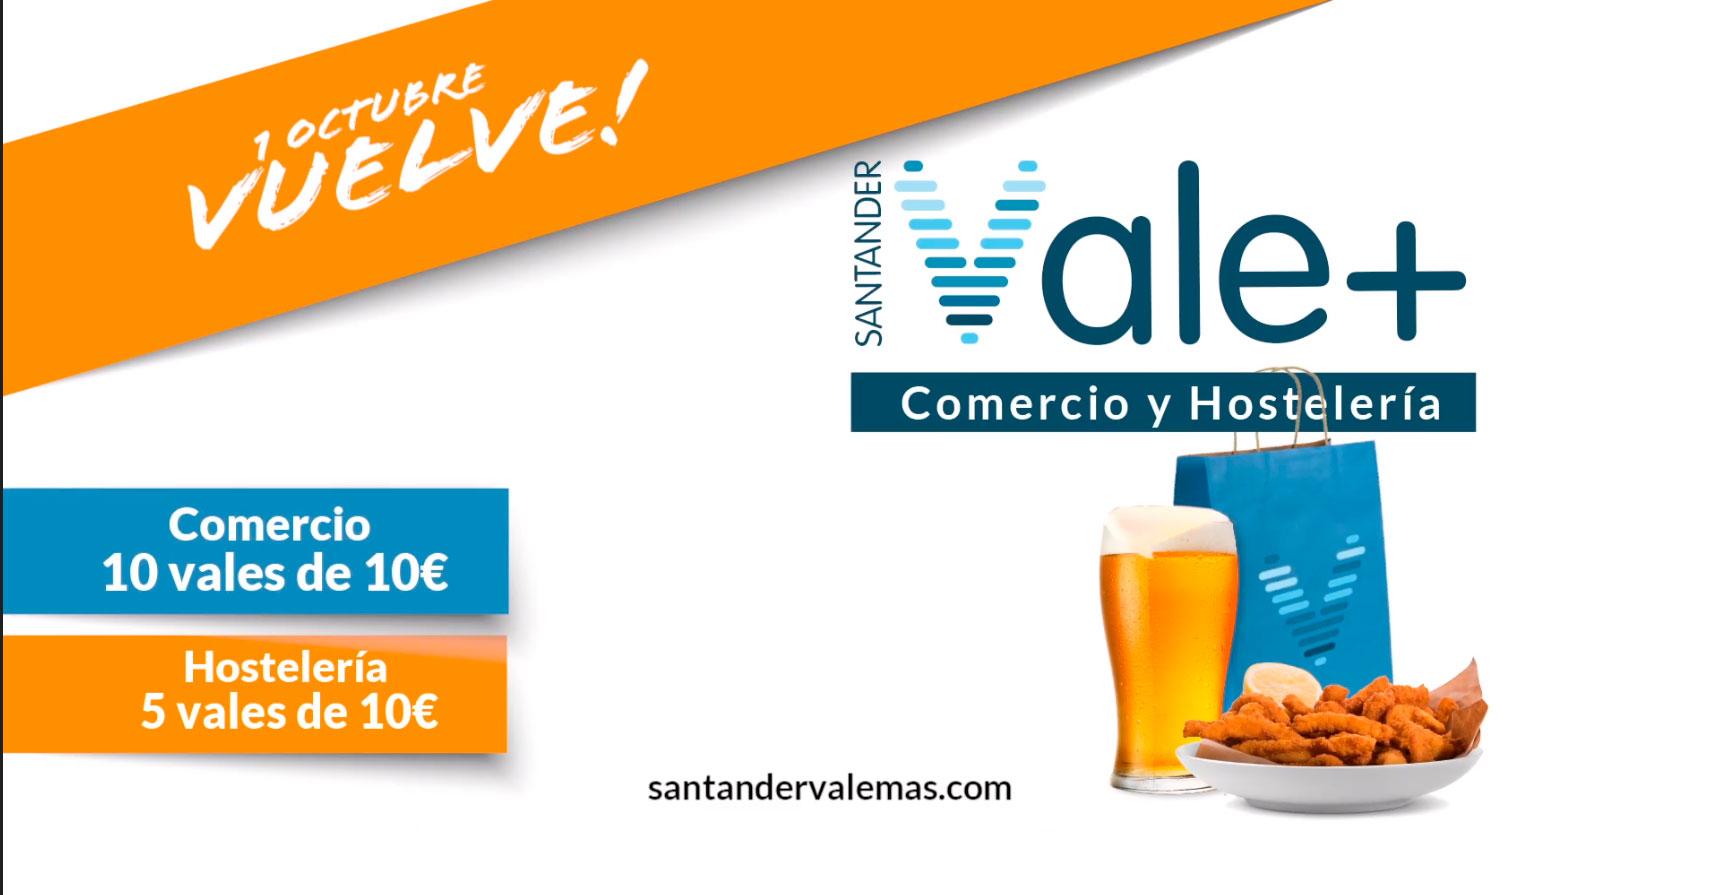 Nueva Campaña Santander Vale +